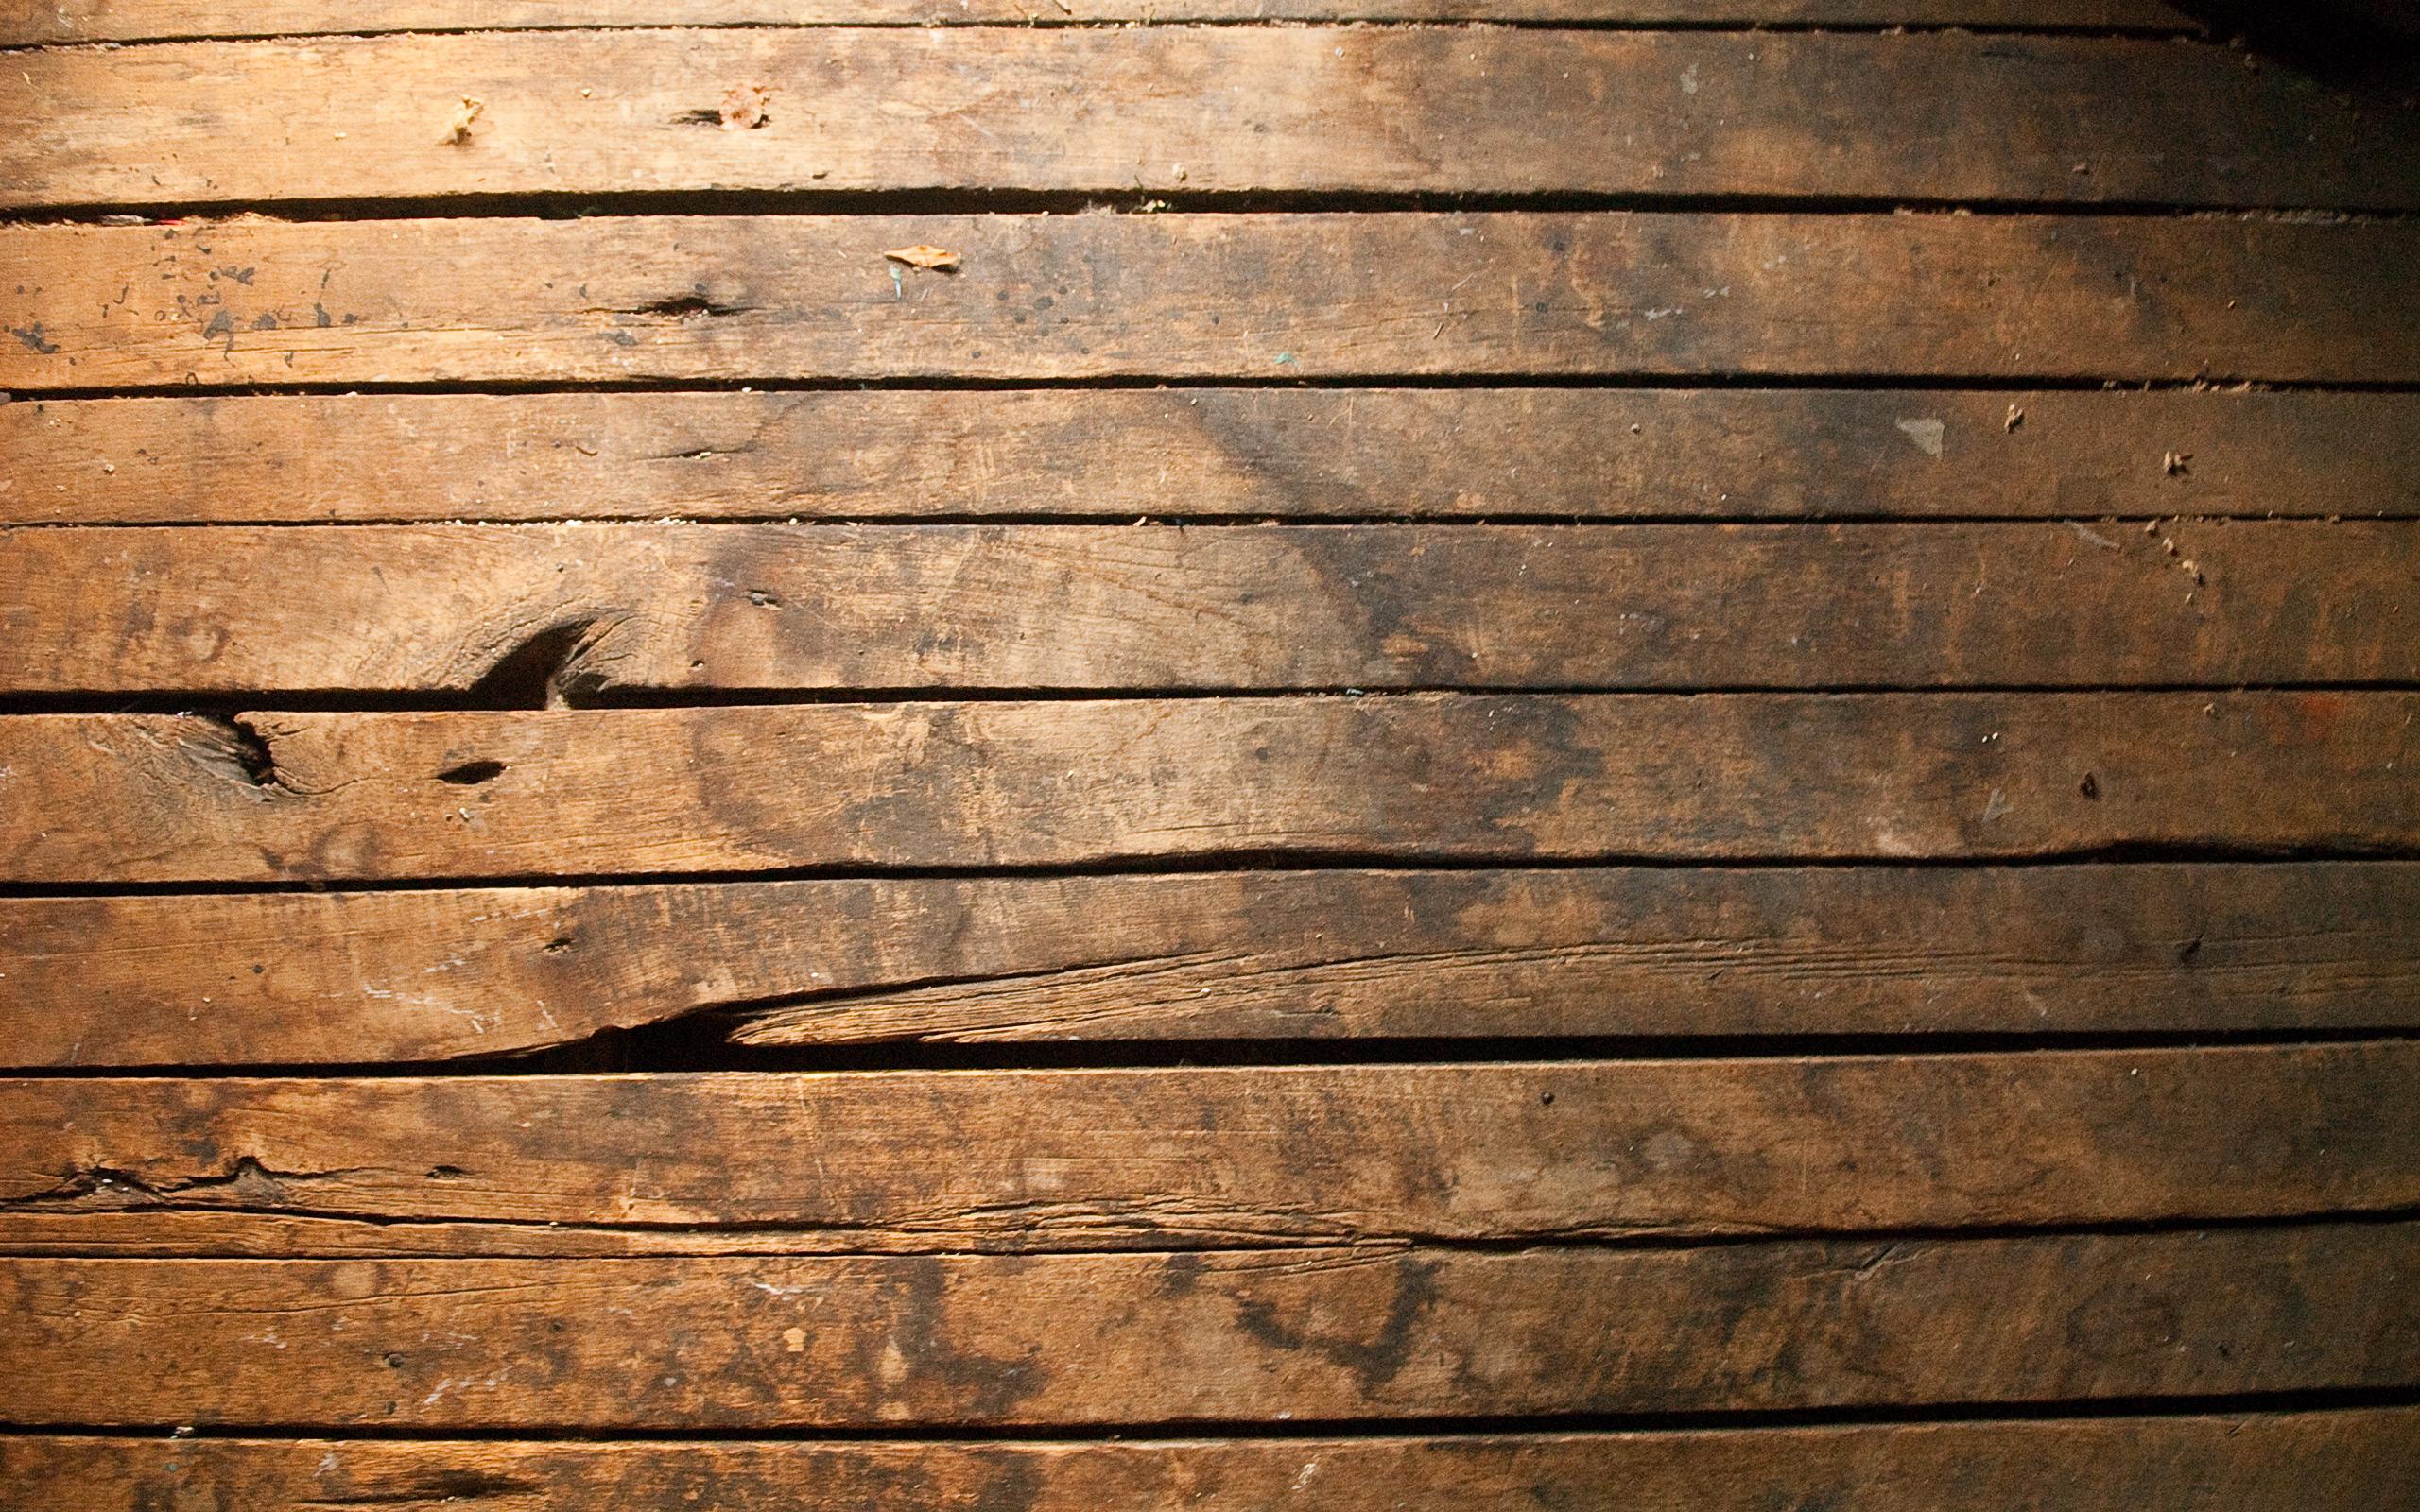 Woodworking Desktop Wallpaper